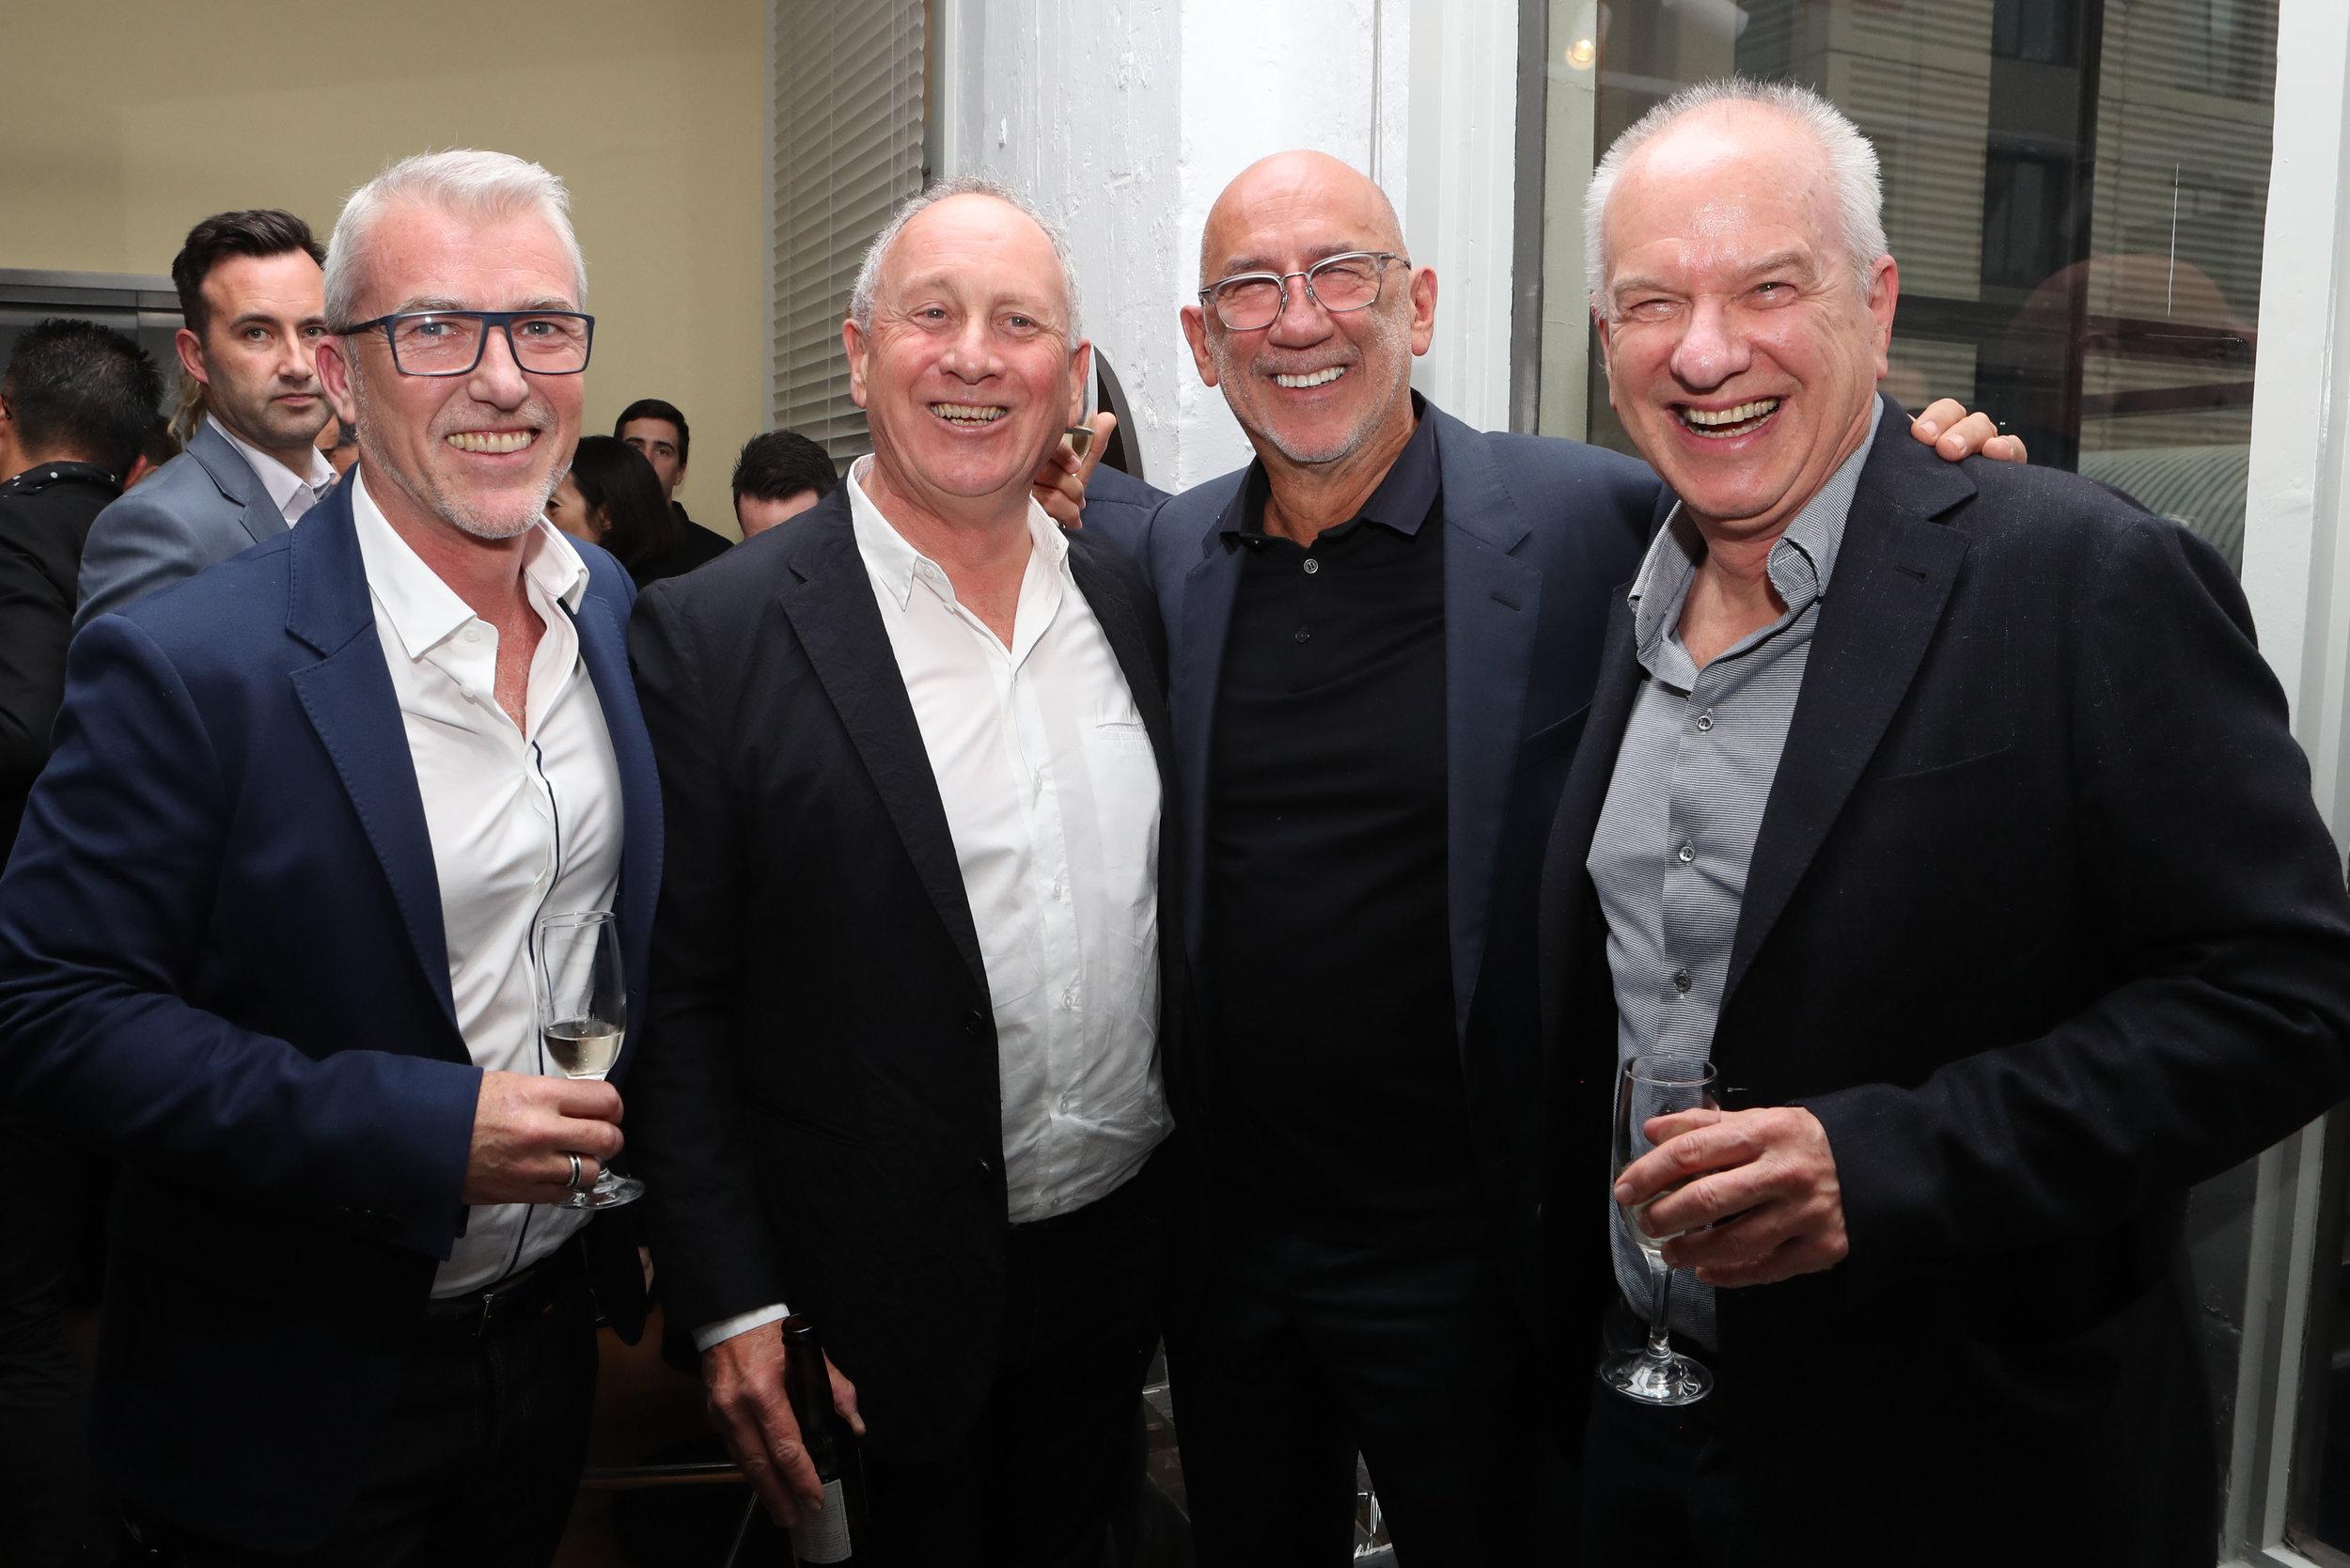 Andrew Parr, Chris Marks, Michael Bialek and John Henderson (2).jpg